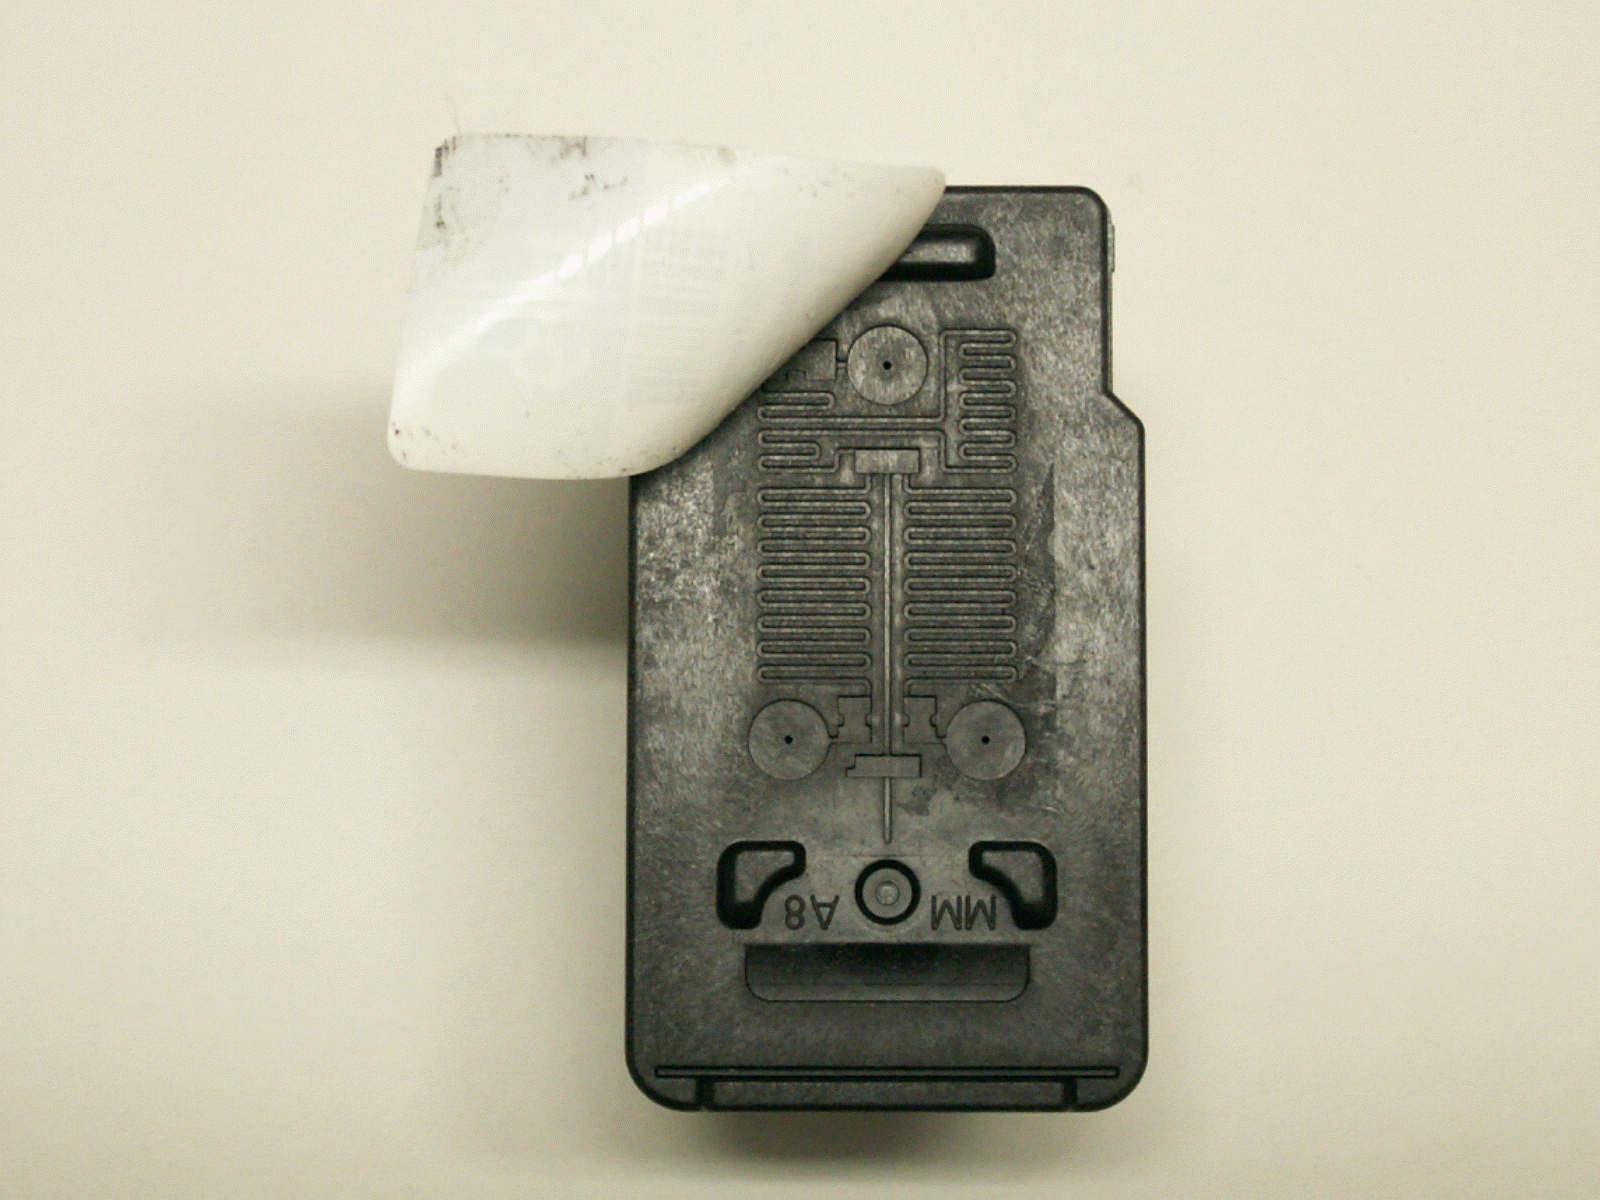 comment remplir une cartouche d 39 encre canon comment remplir. Black Bedroom Furniture Sets. Home Design Ideas